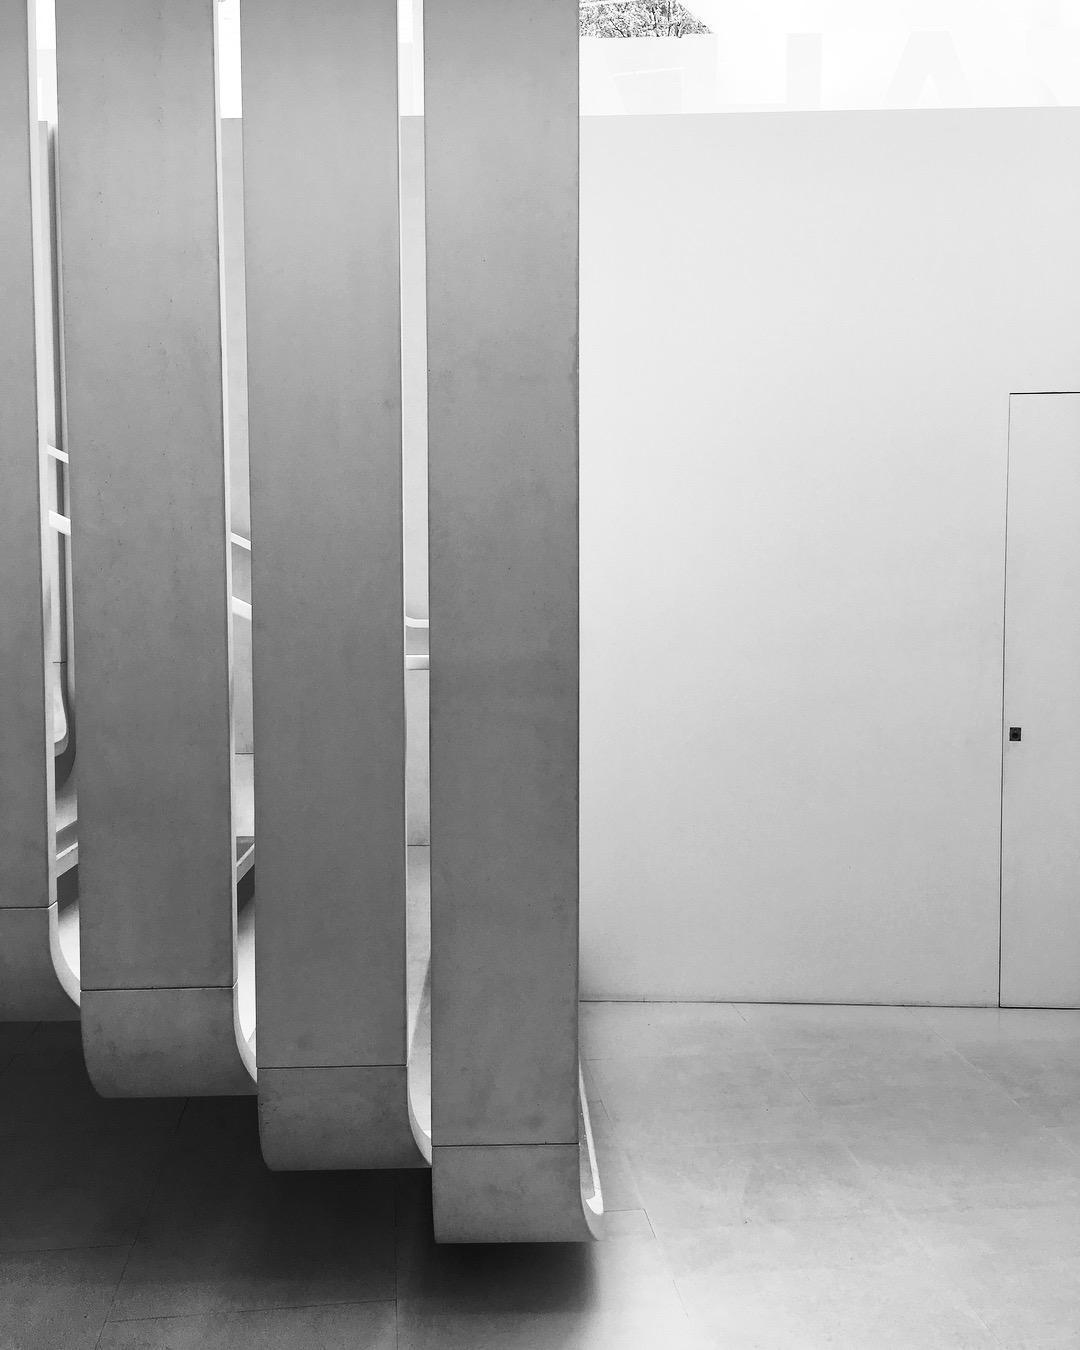 London_Zaha Hadid Gallery.JPG